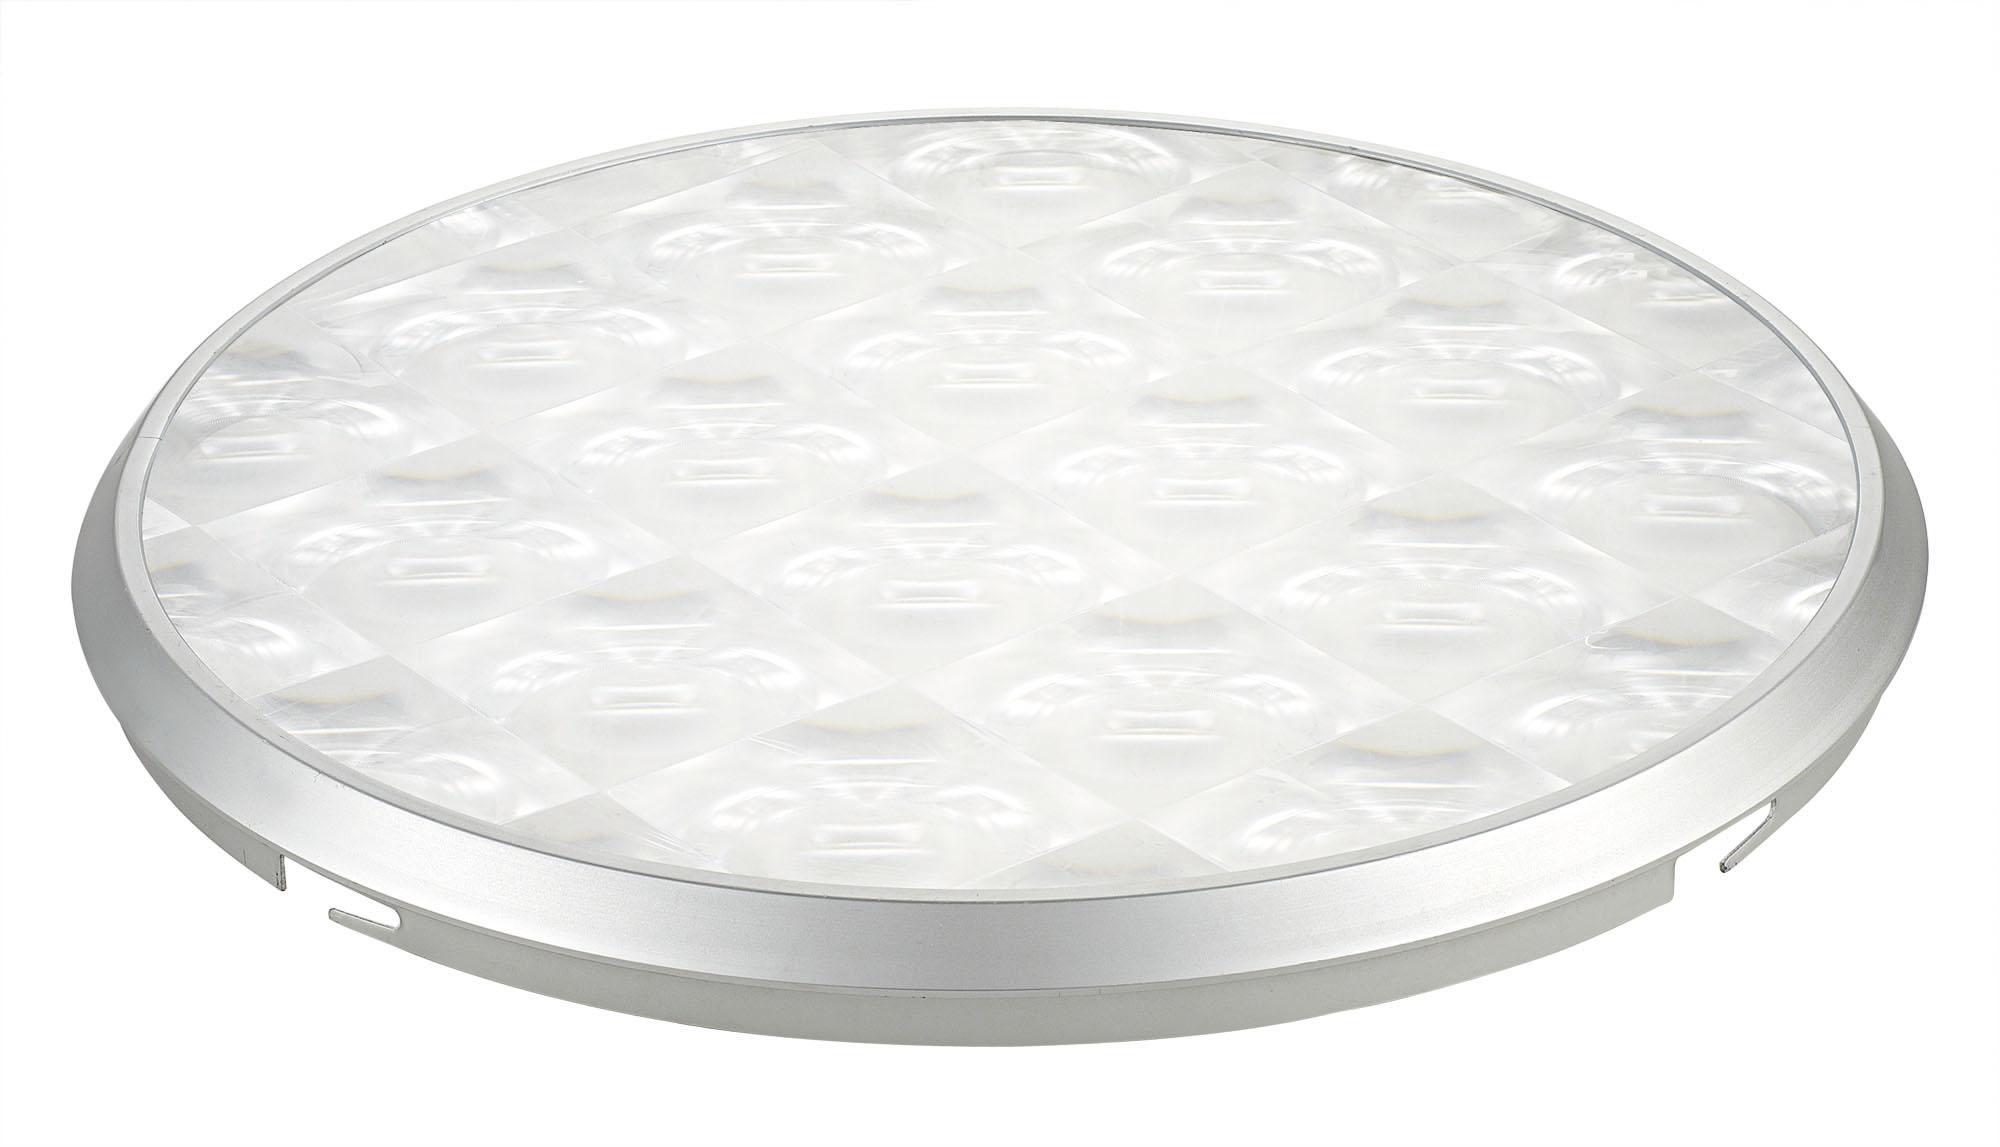 圆形漫射器-导光管采光系统